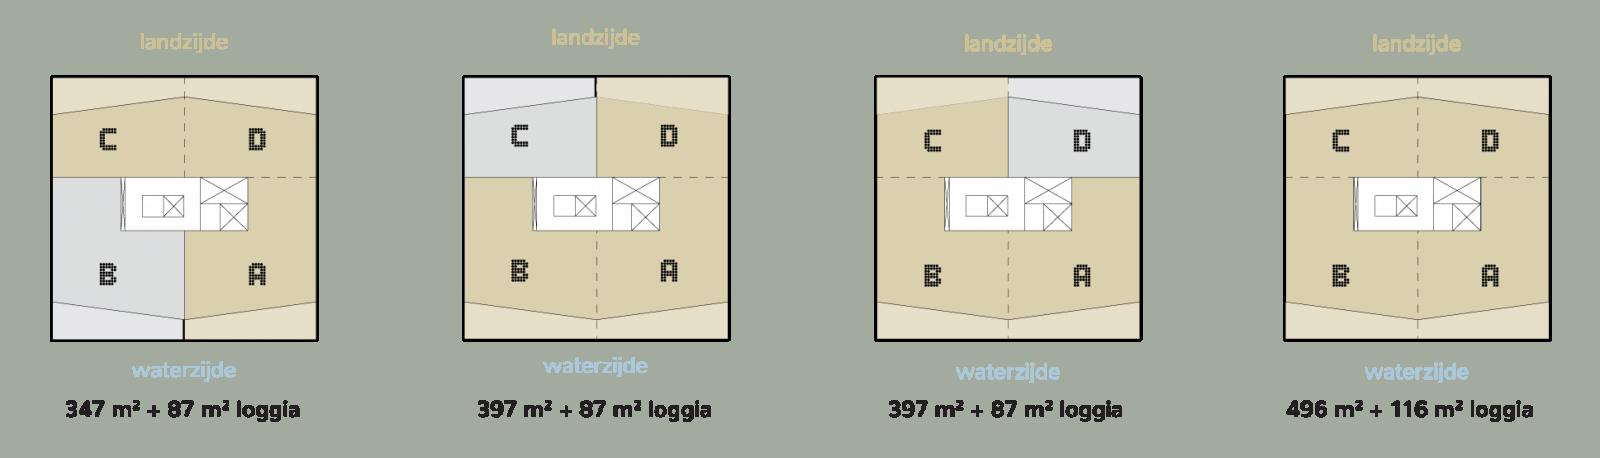 Top-Up gekoppelde varianten D,B en A of C,B en A